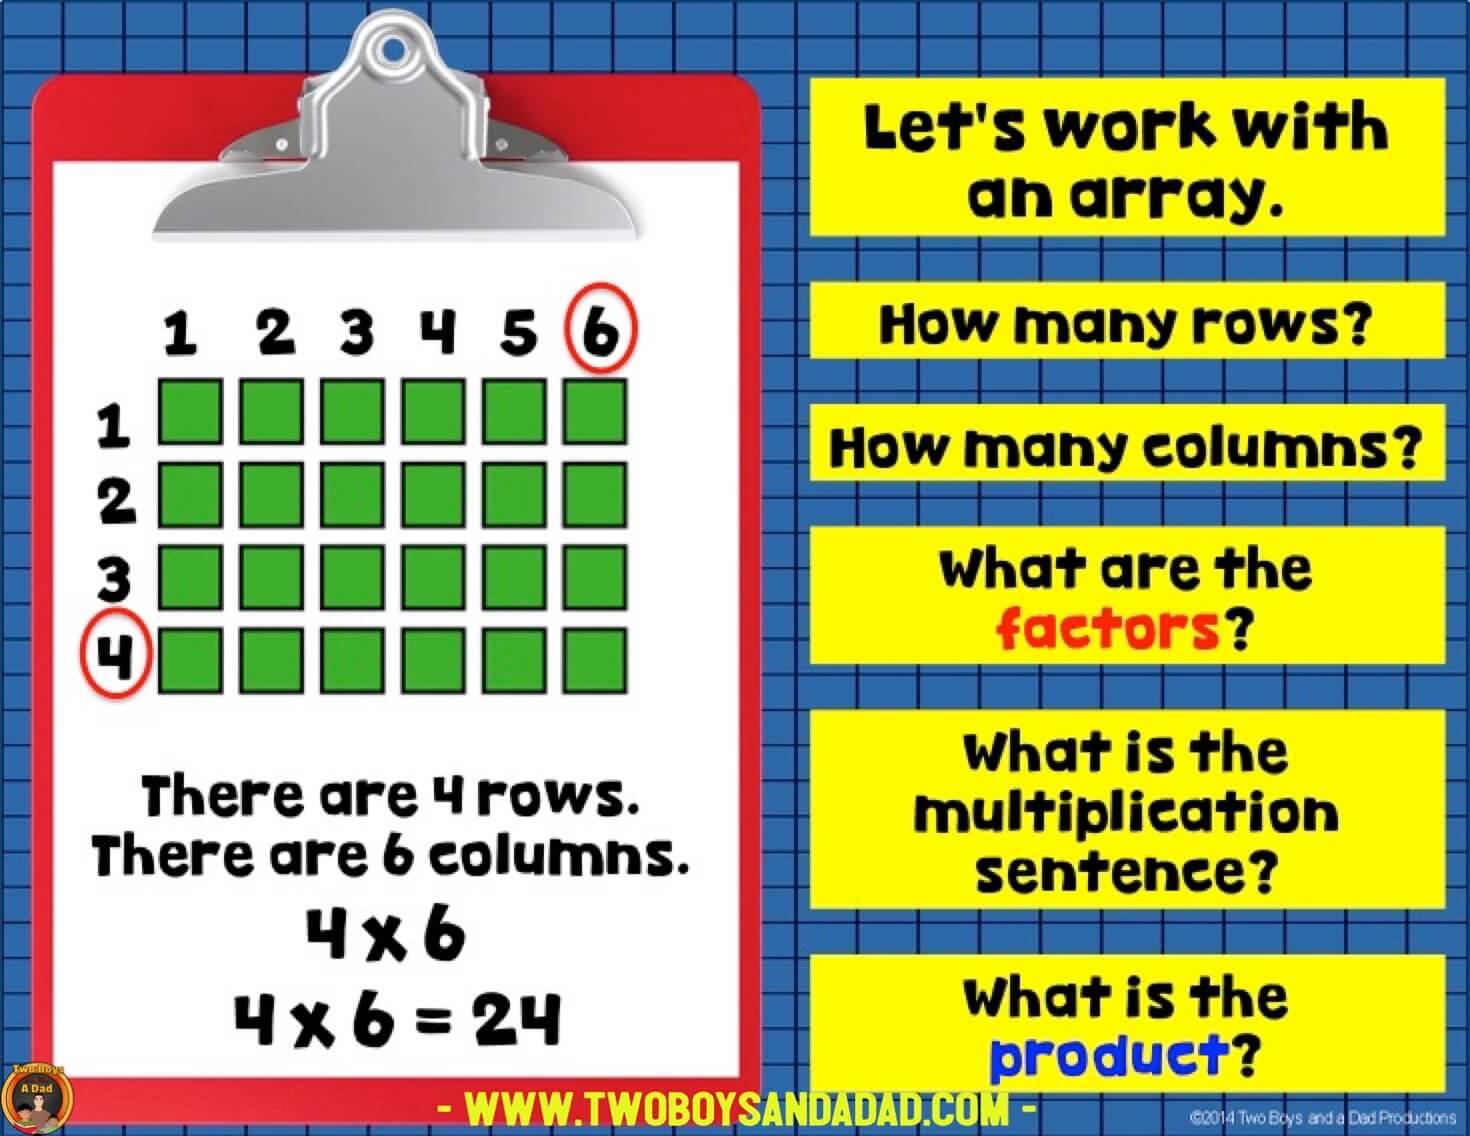 teach multiplication with arrays